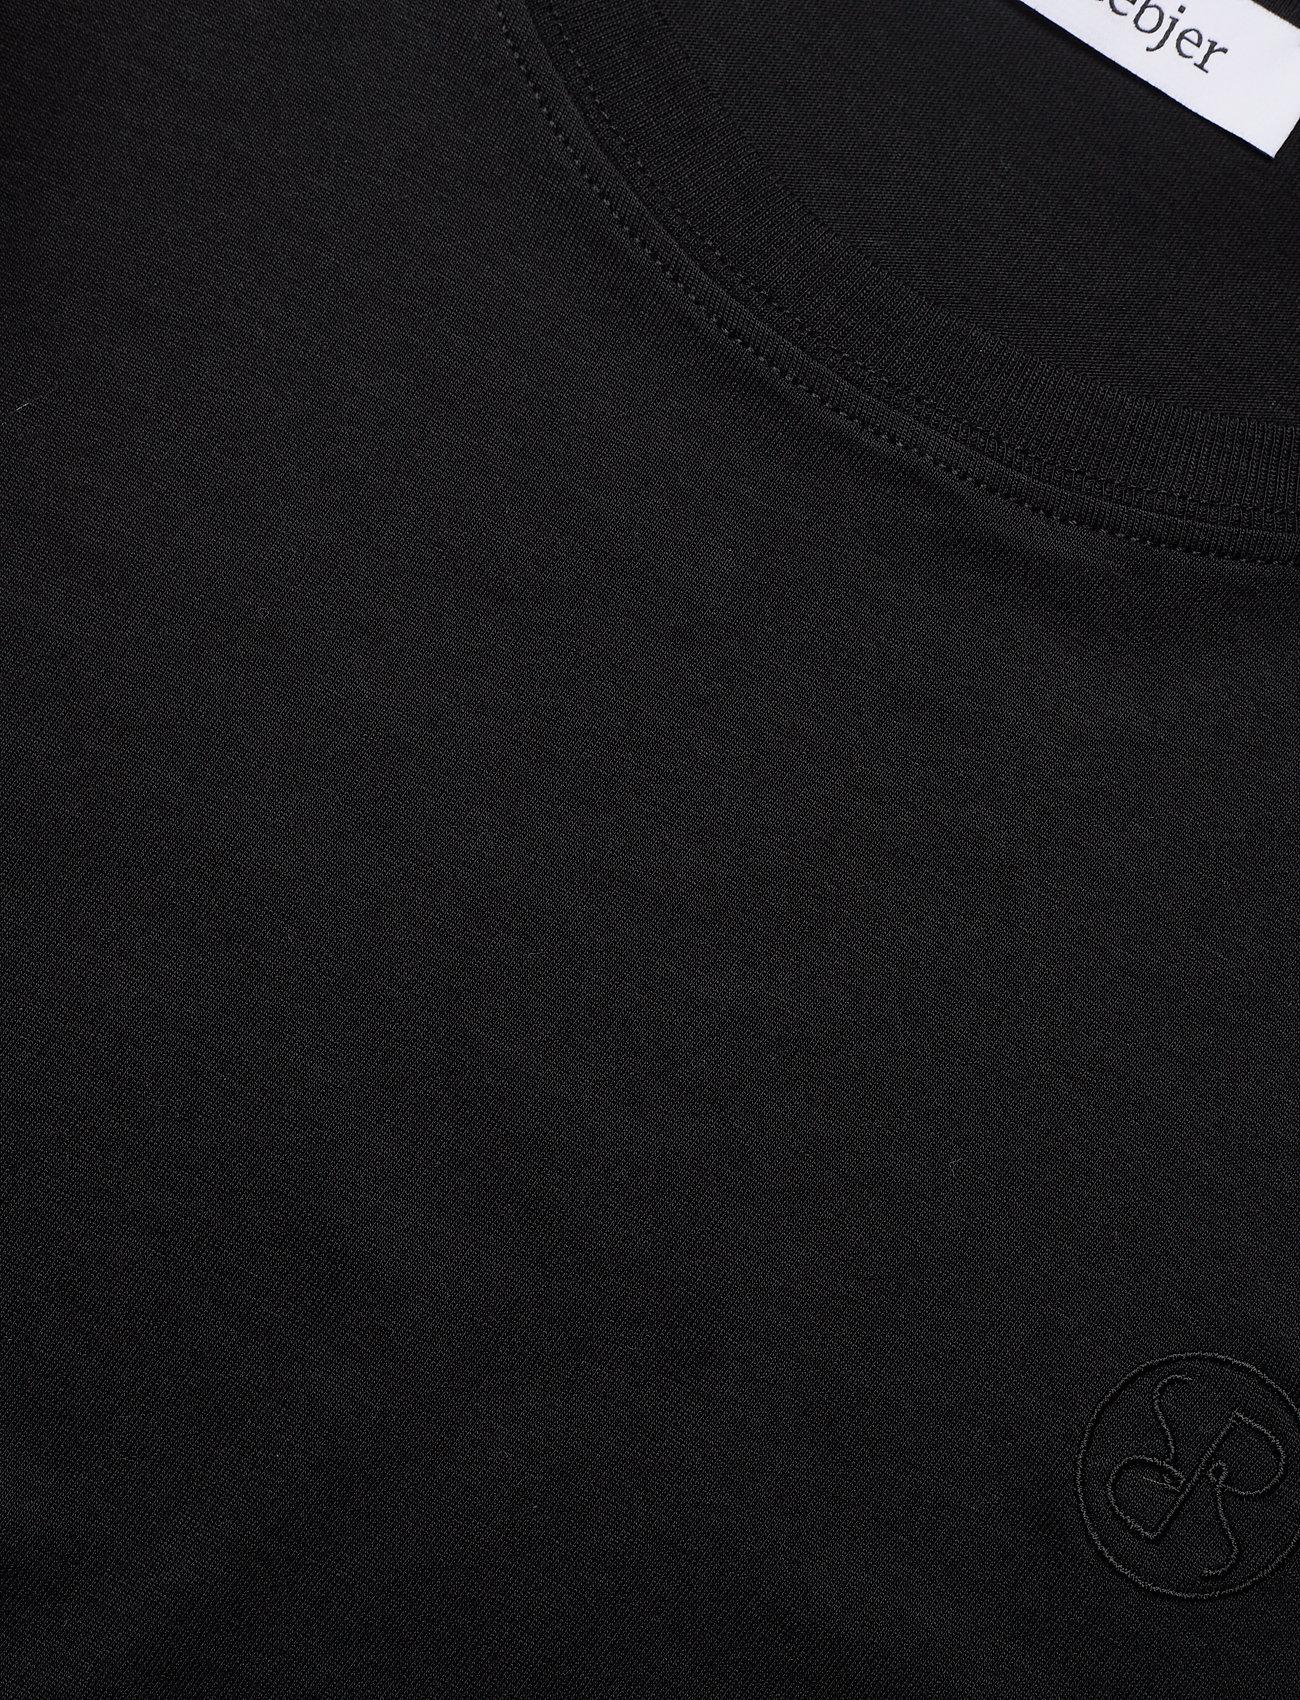 RODEBJER - RODEBJER NINJA LOGO - t-shirts - black - 2